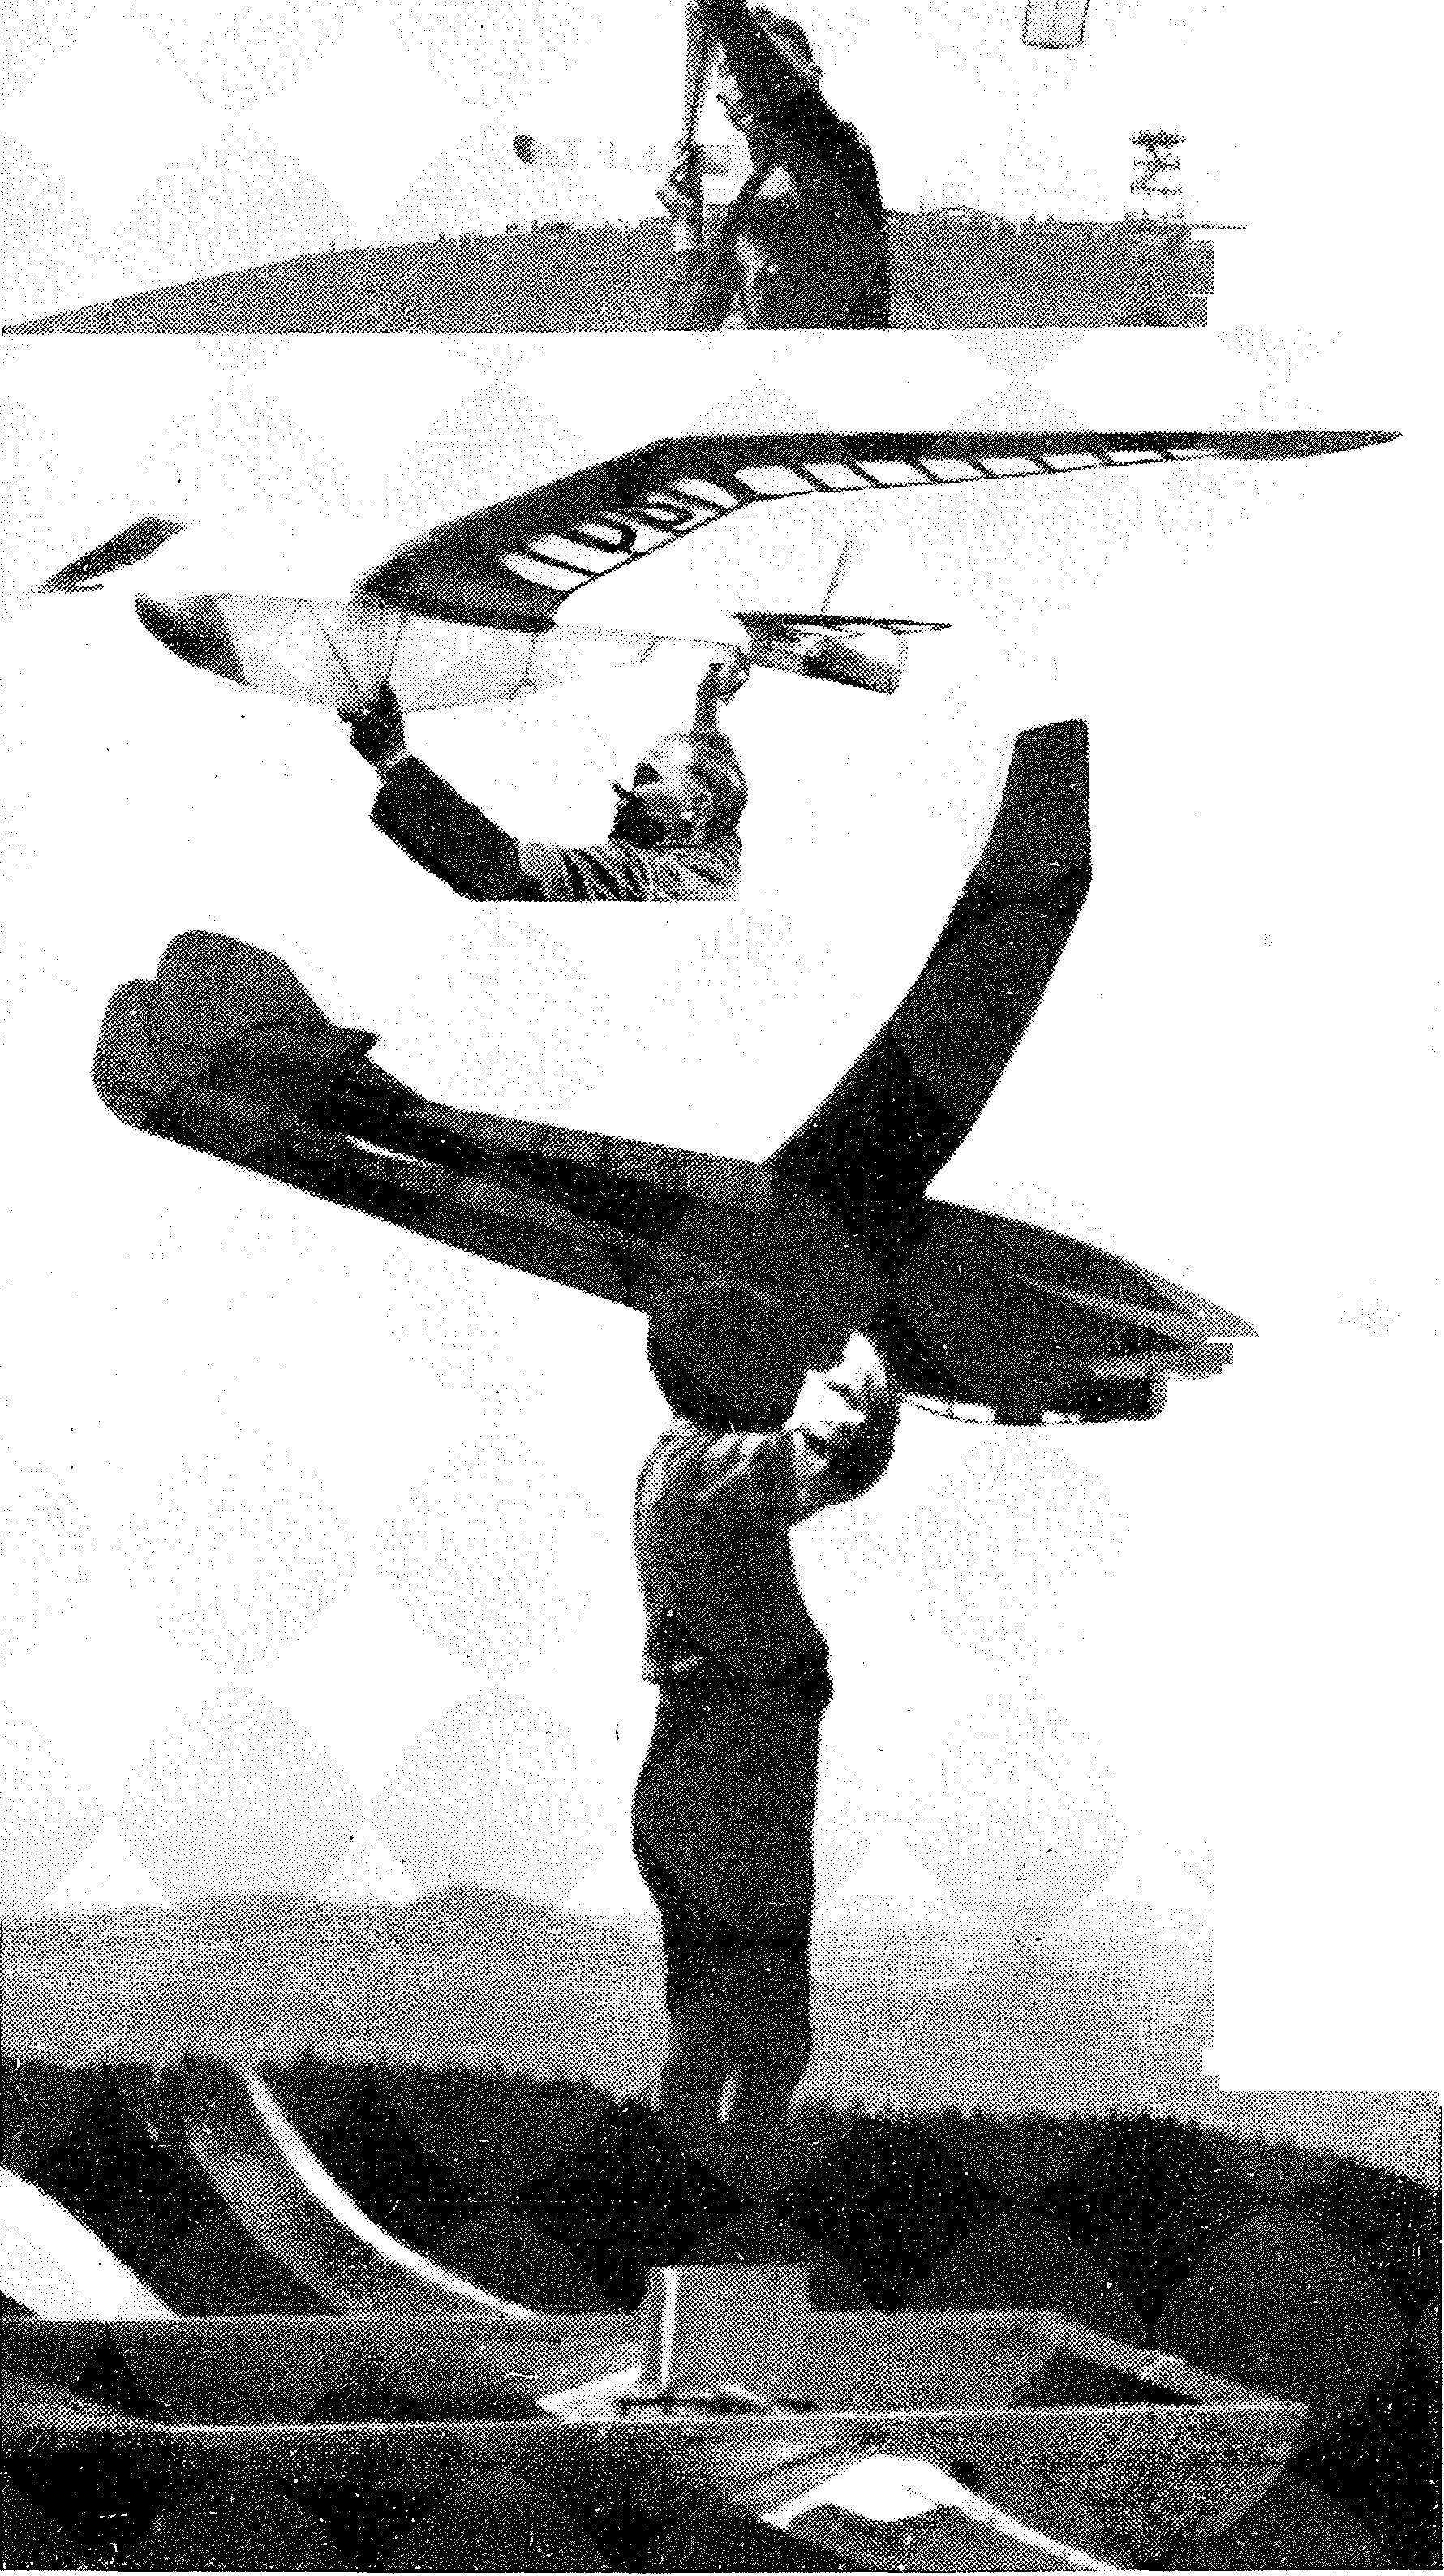 Luftfahrt und Luftverkehr sowie Luftwaffe im Dritten Reich 1935